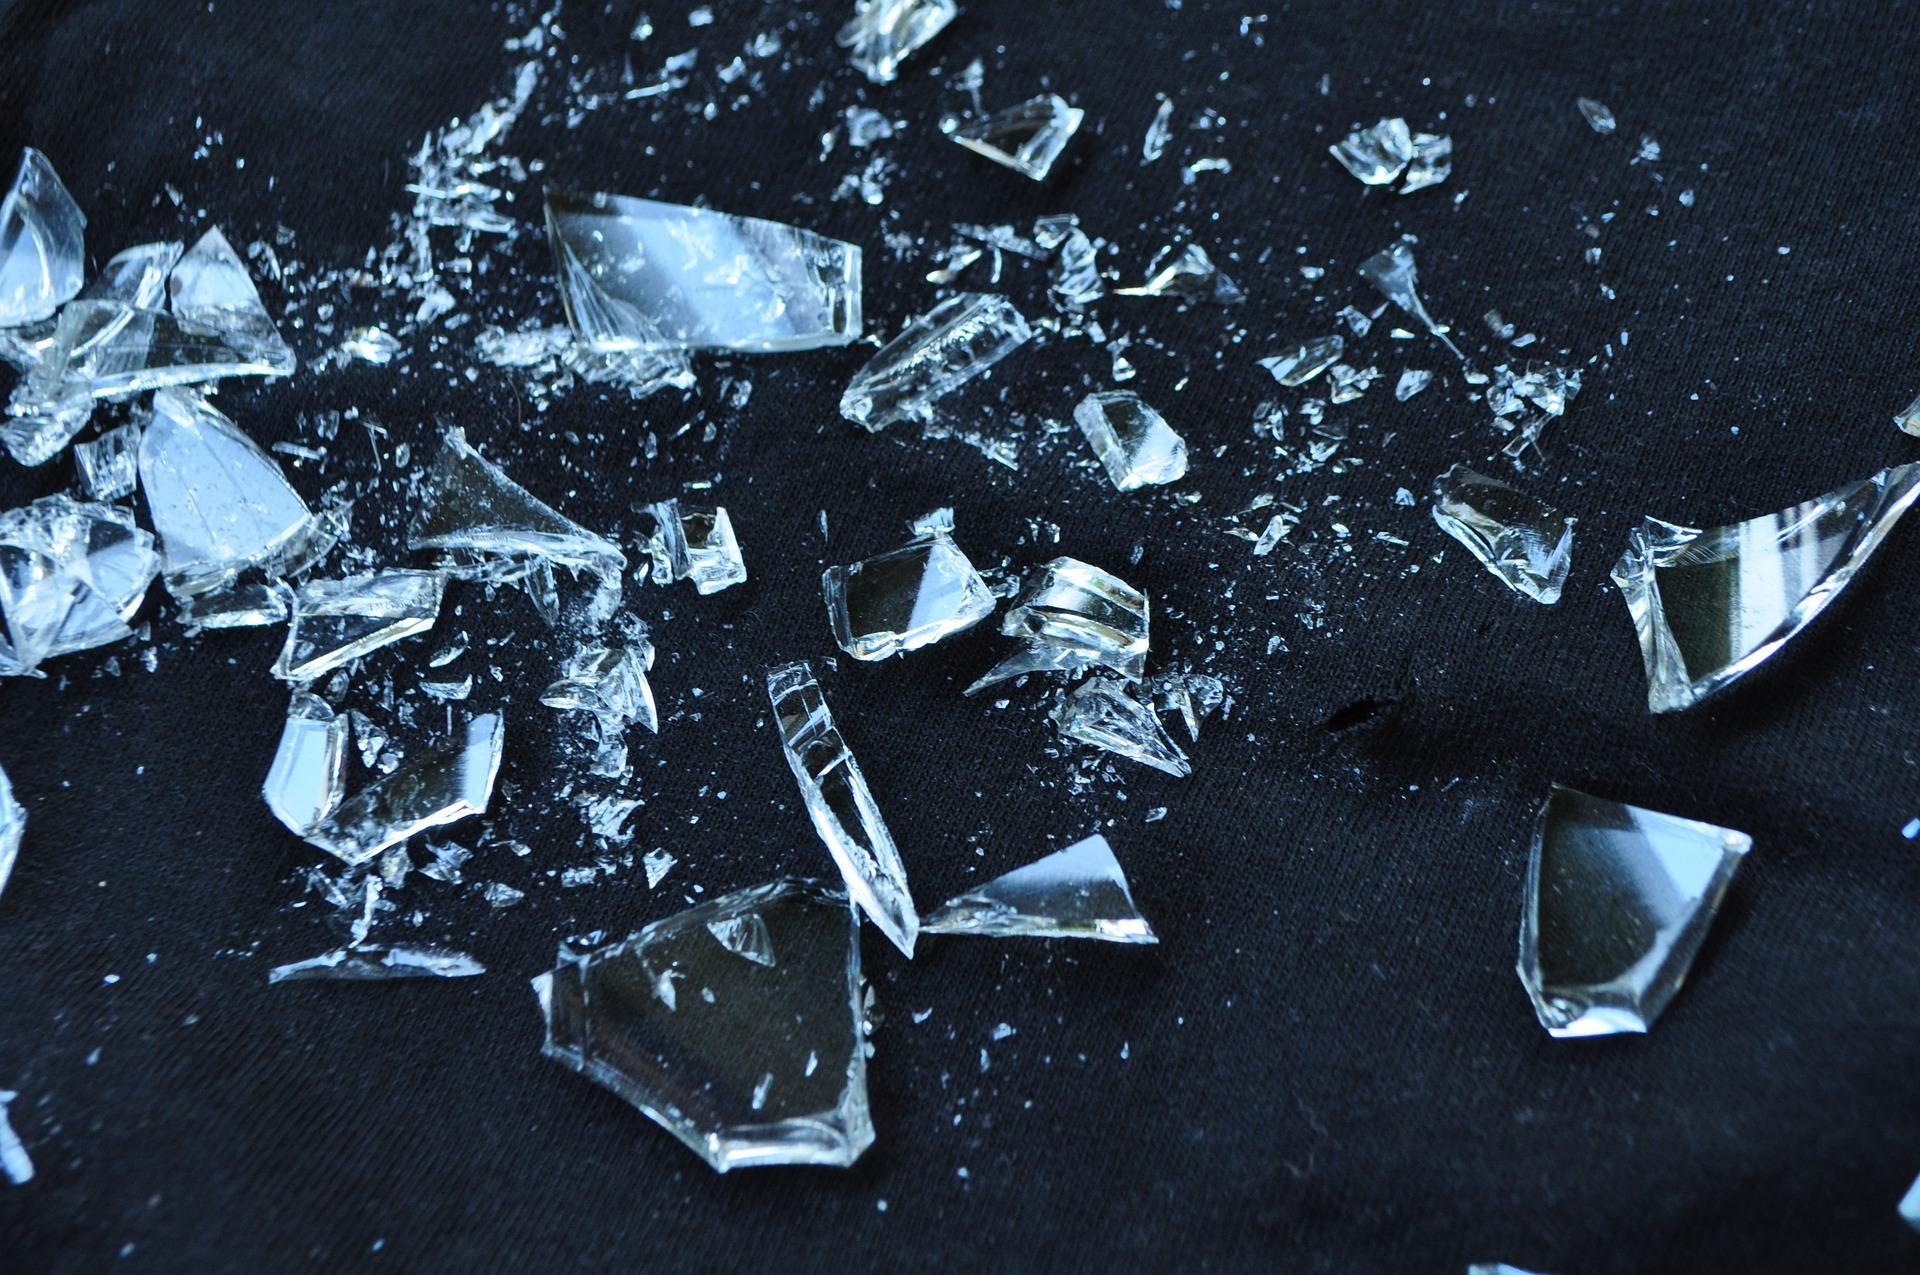 glass-1818065_1920 (1)